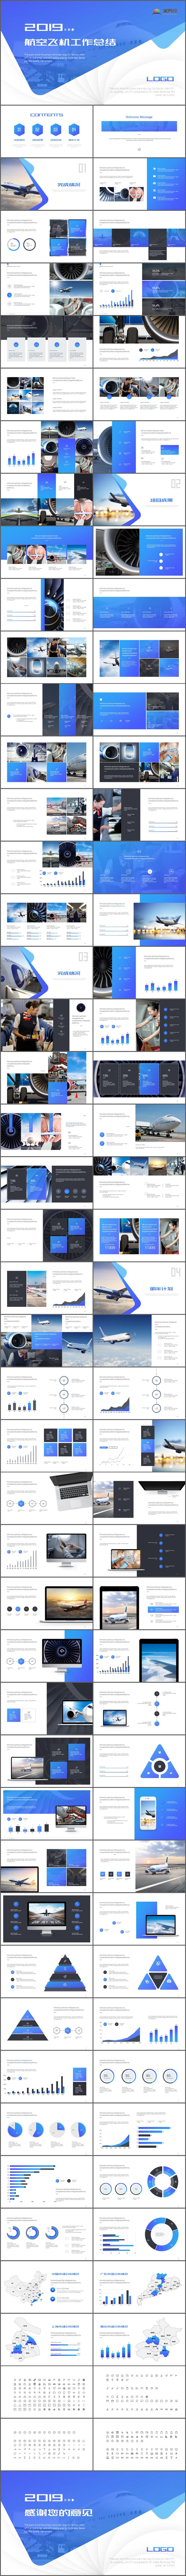 高端渐变航空飞机2019工作总结PPT公司介绍